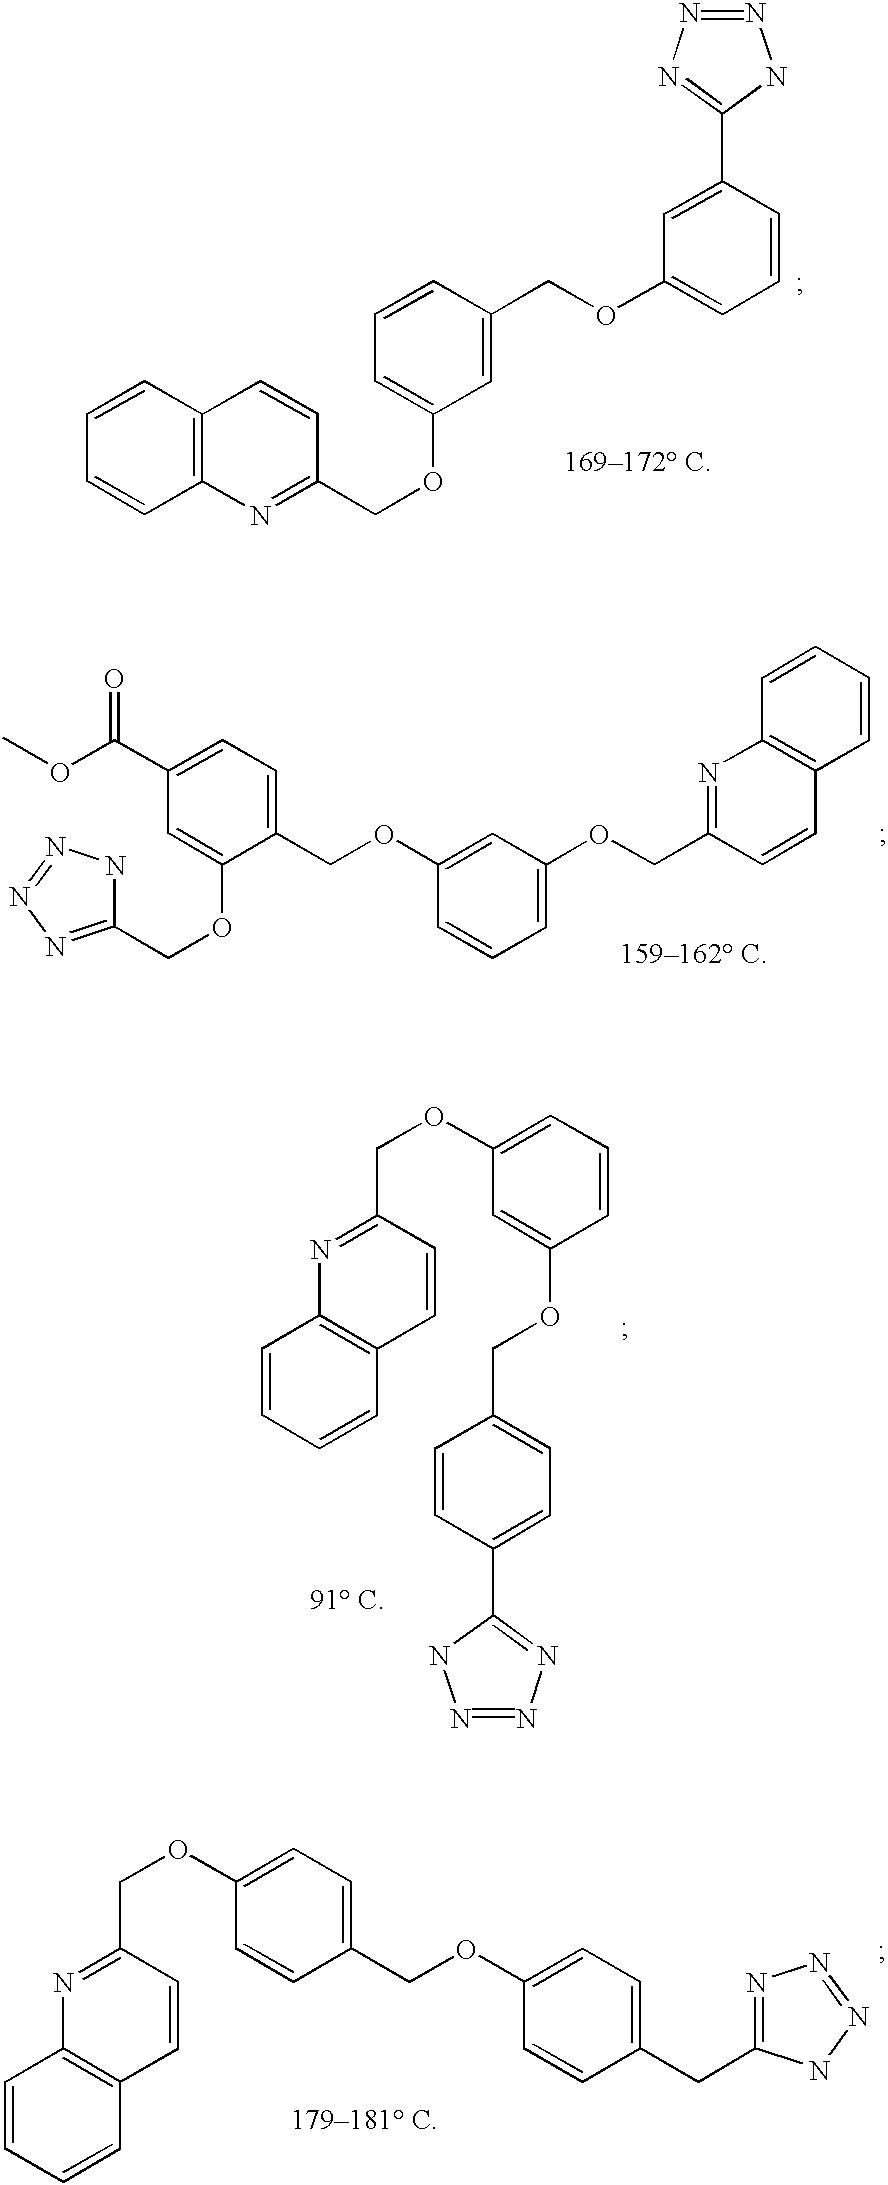 Figure US20030220373A1-20031127-C00290